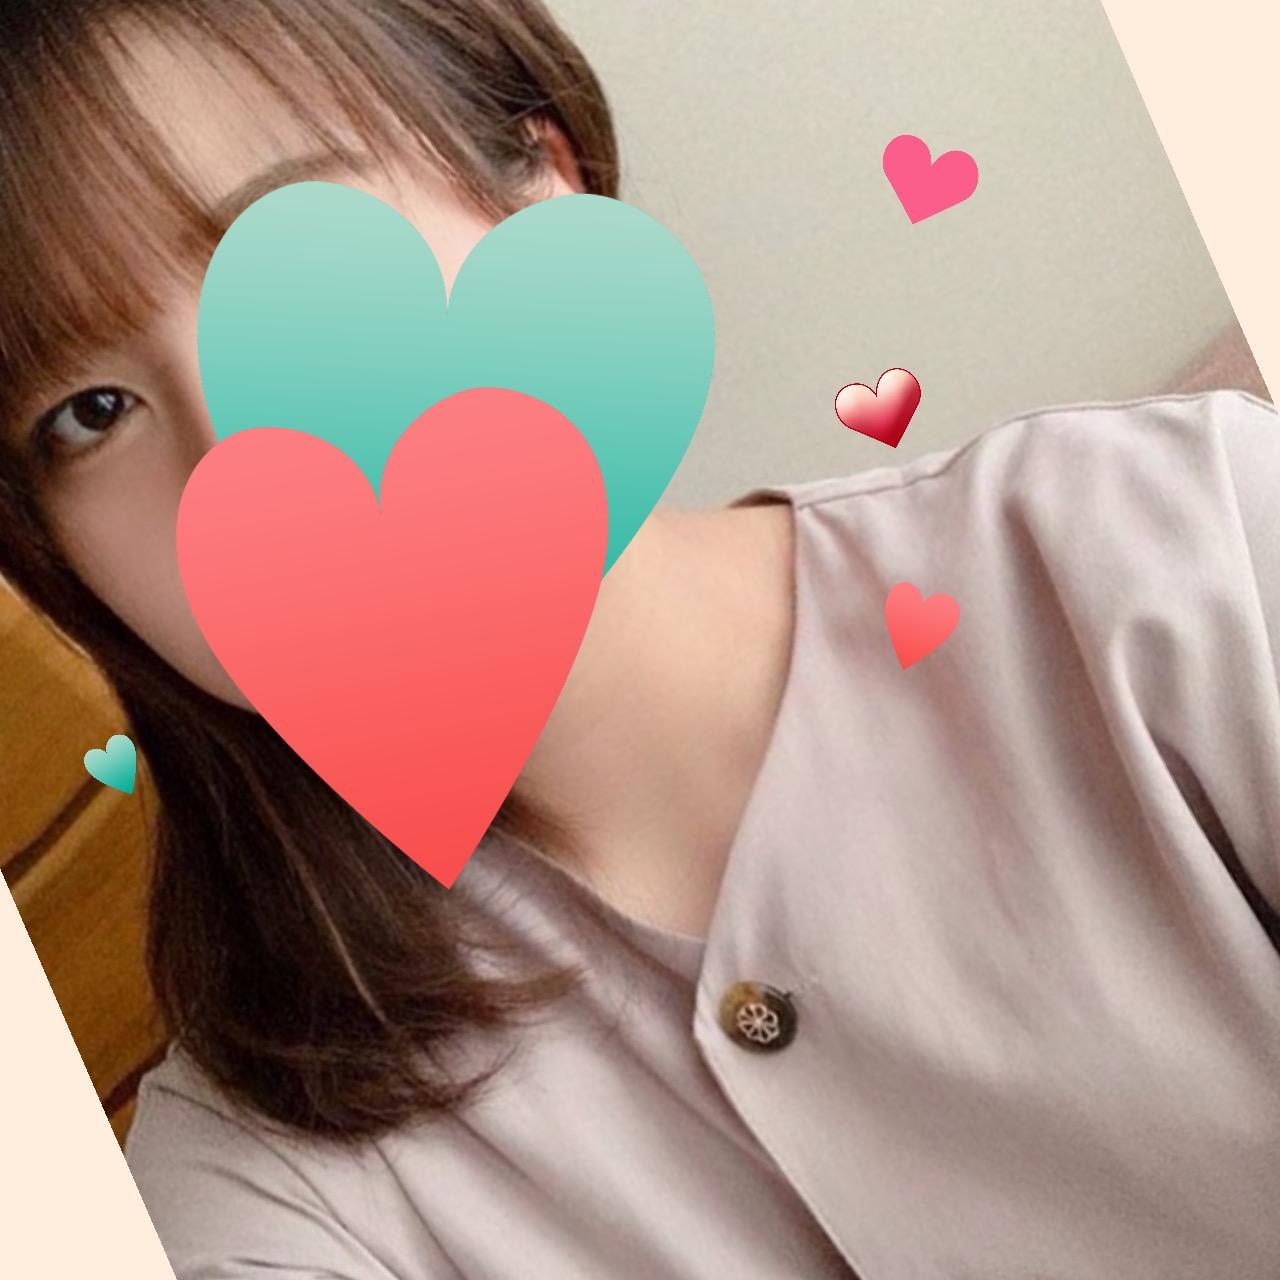 ことね(23)【可憐で透き通るような瞳☆幼稚園児のマドンナ先生♪】